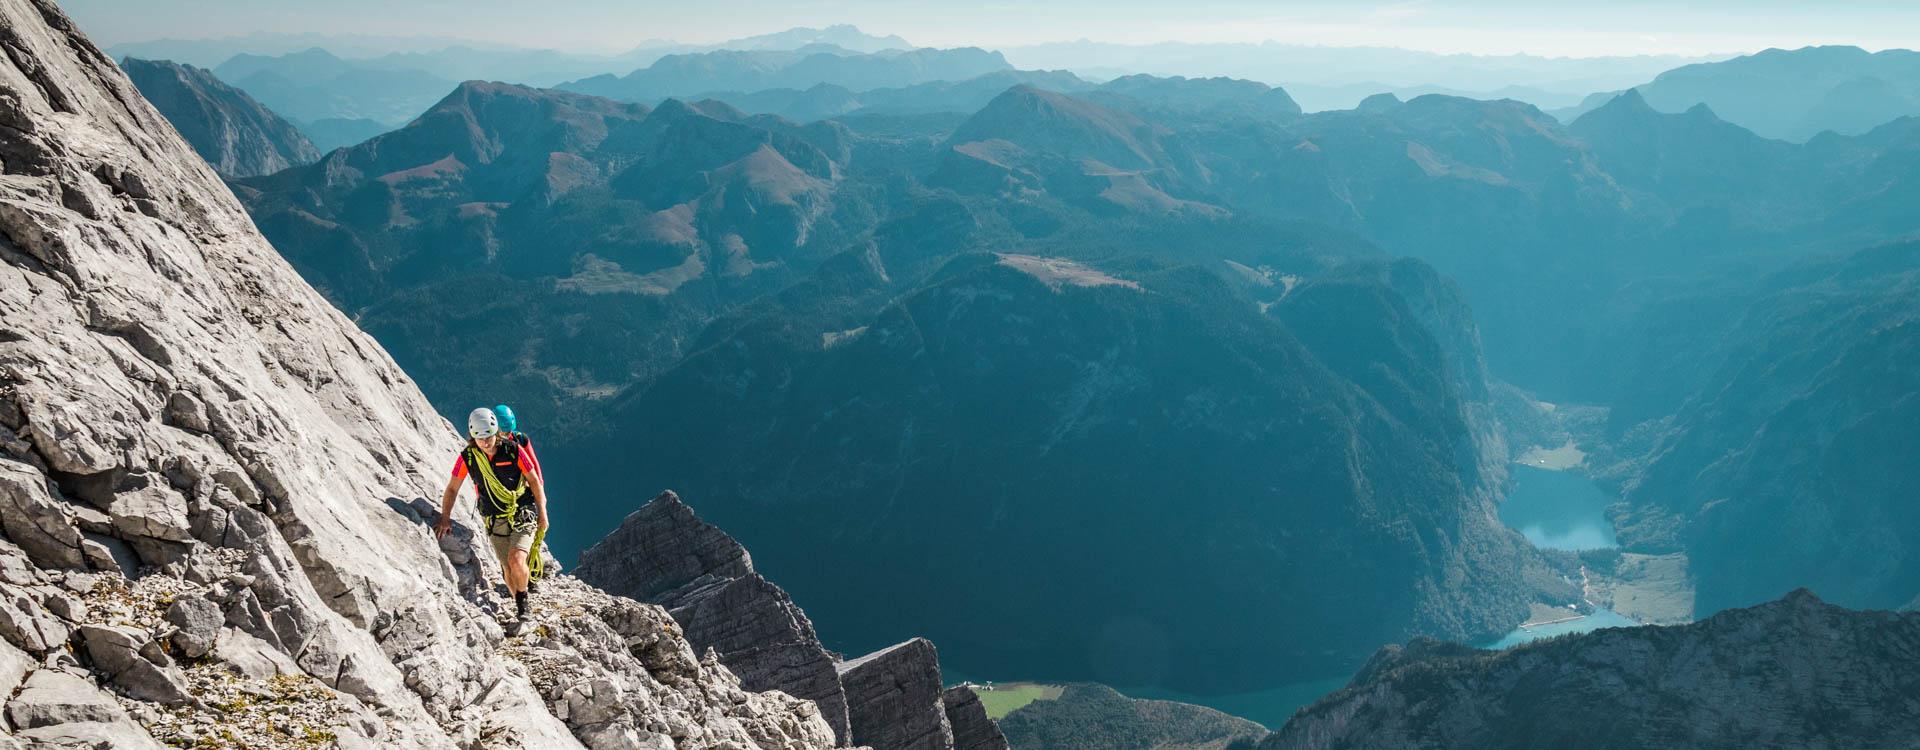 klettersteig-und-klettern-am-watzmann.jpg